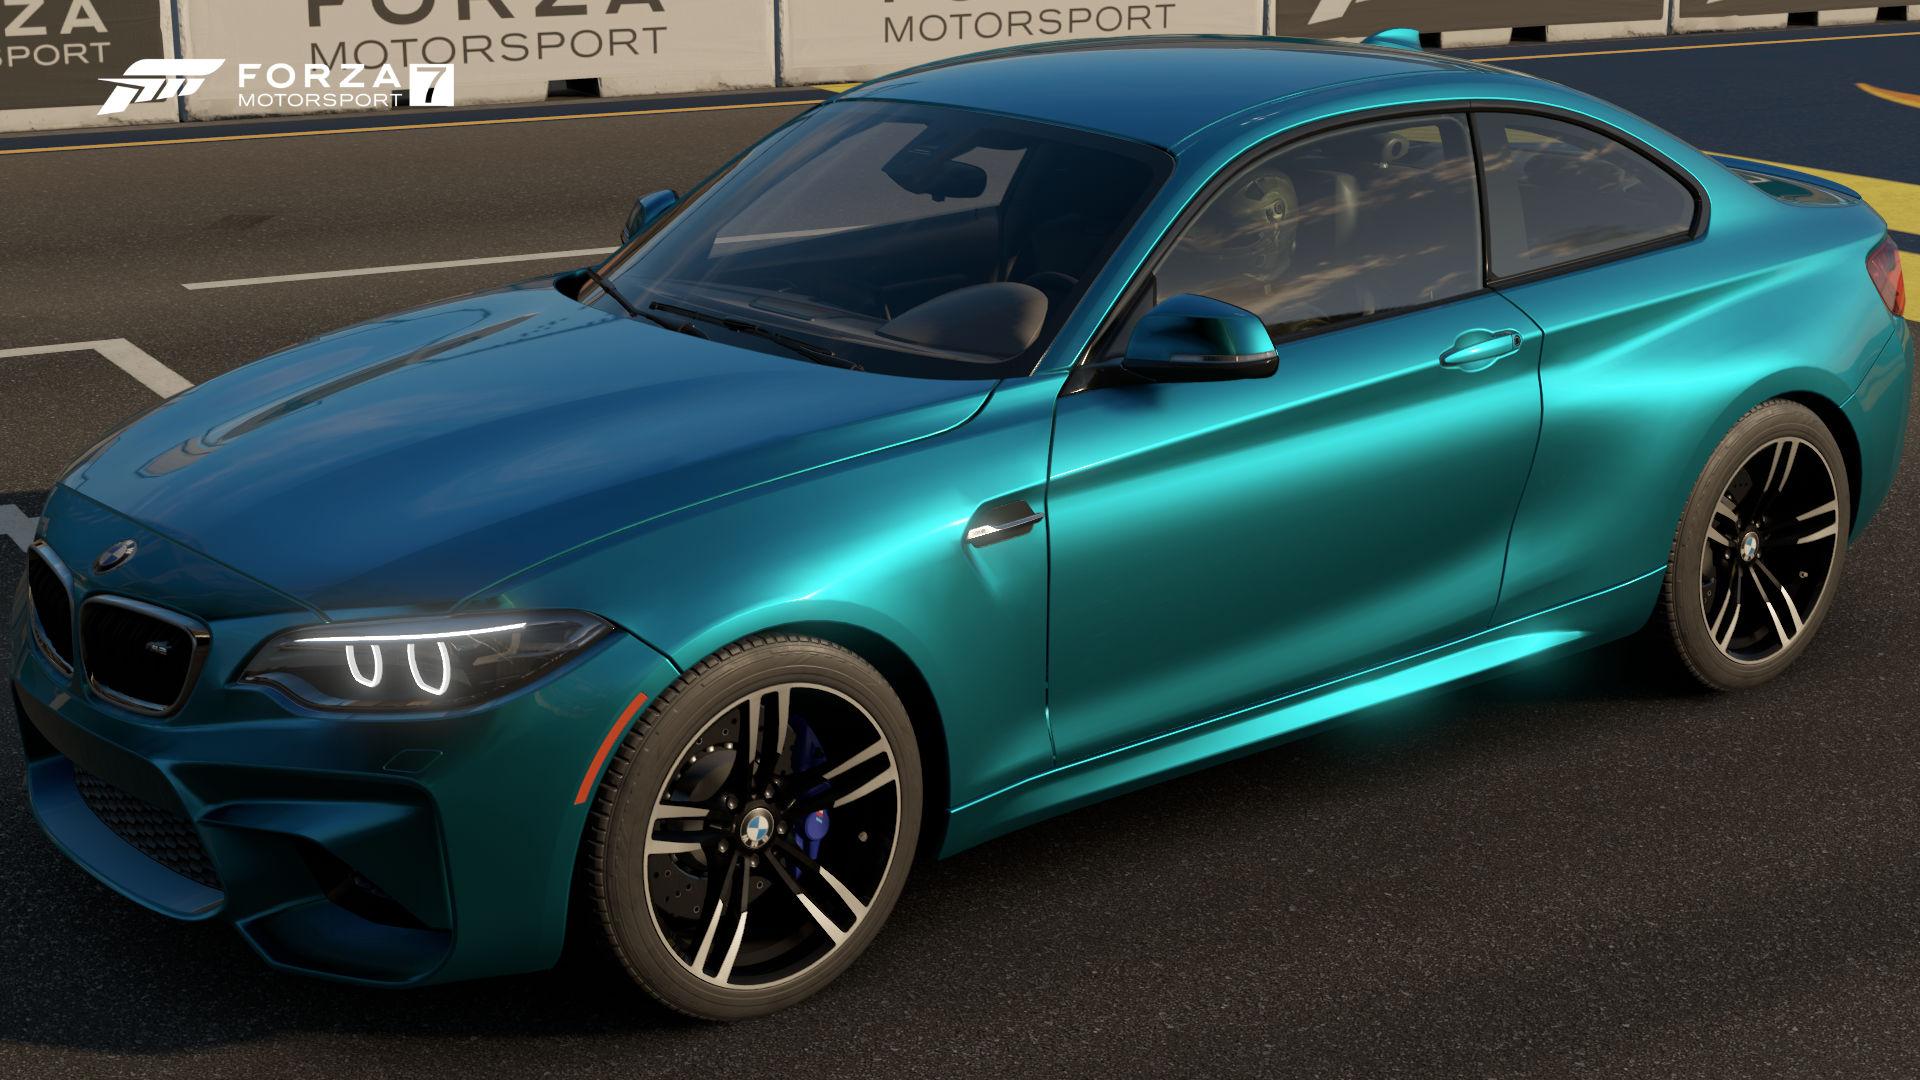 BMW M2 Coupé Forza Motorsport Wiki